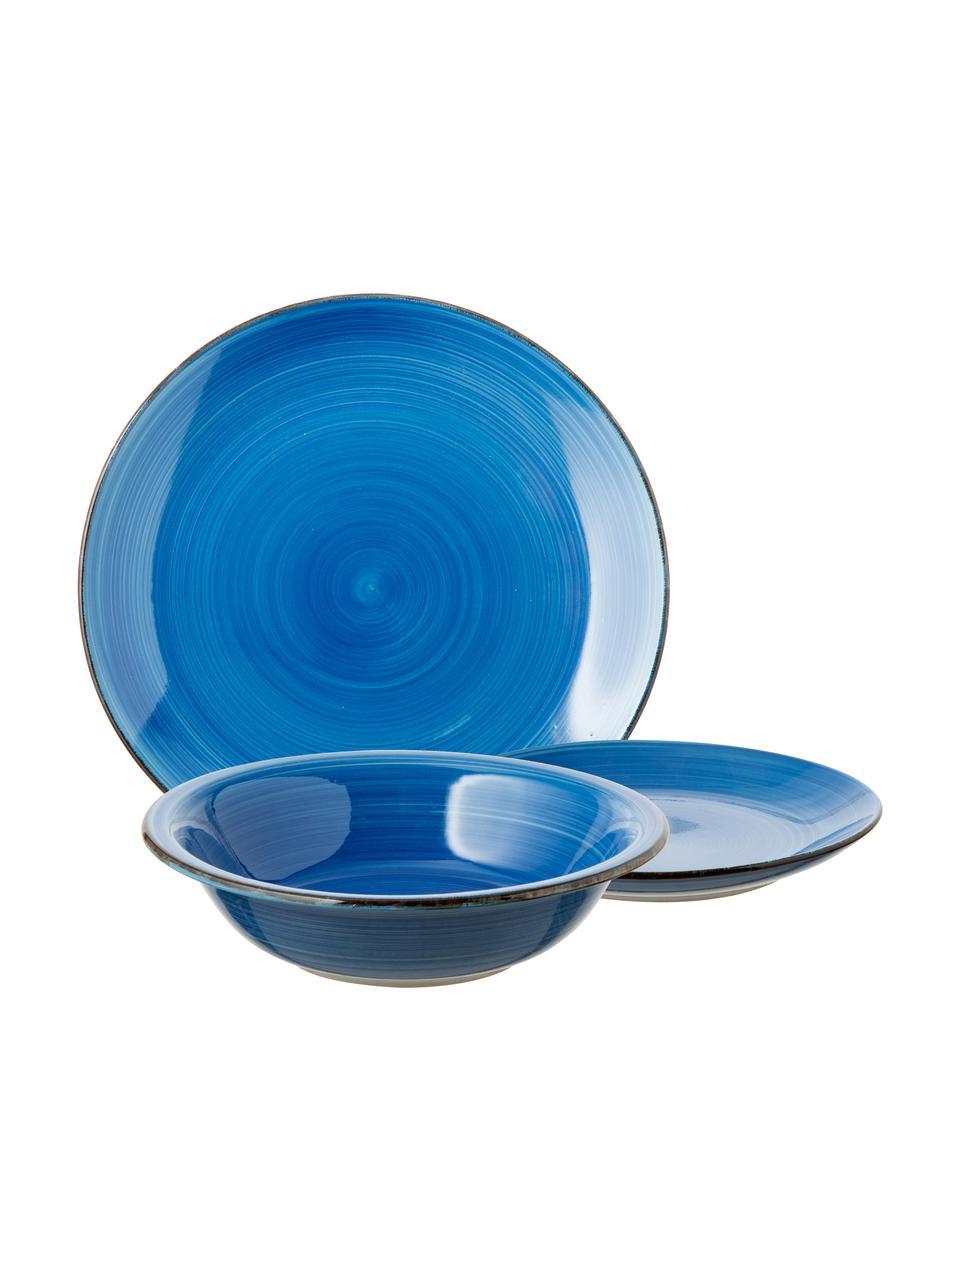 Set 18 piatti dipinti a mano in tonalità blu per 6 persone Baita, Gres (pietra dolomitica) dipinta a mano, Tonalità blu, Set in varie misure